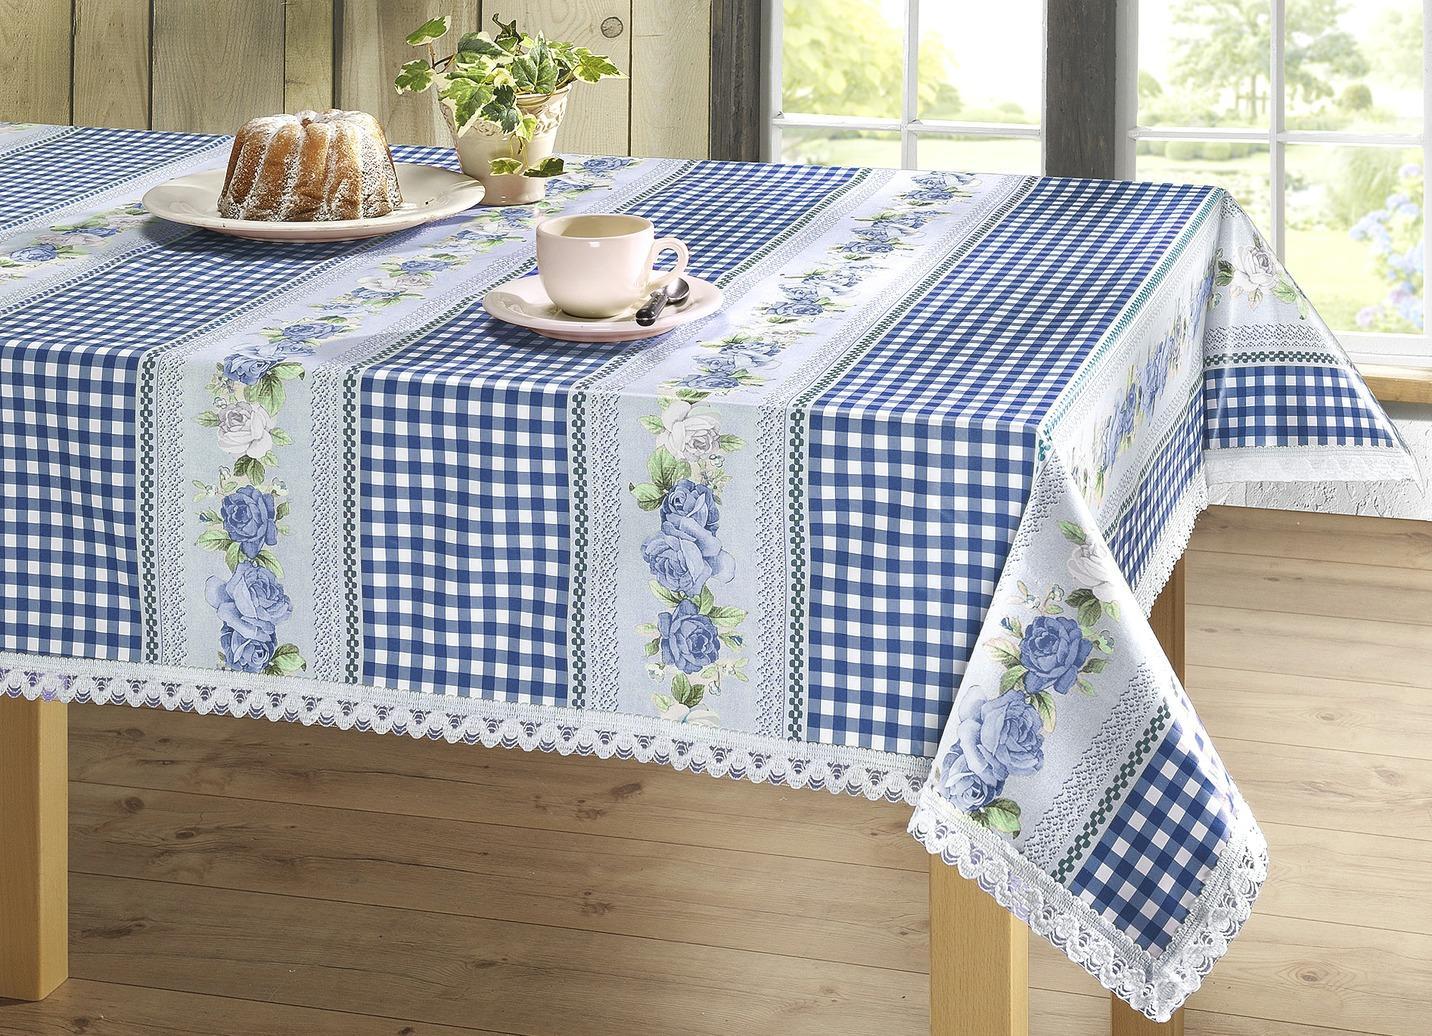 Wachstuch-Tischserie in Landhaus-Optik, Größe 110 (Tischdecke, 110/140 cm), Blau